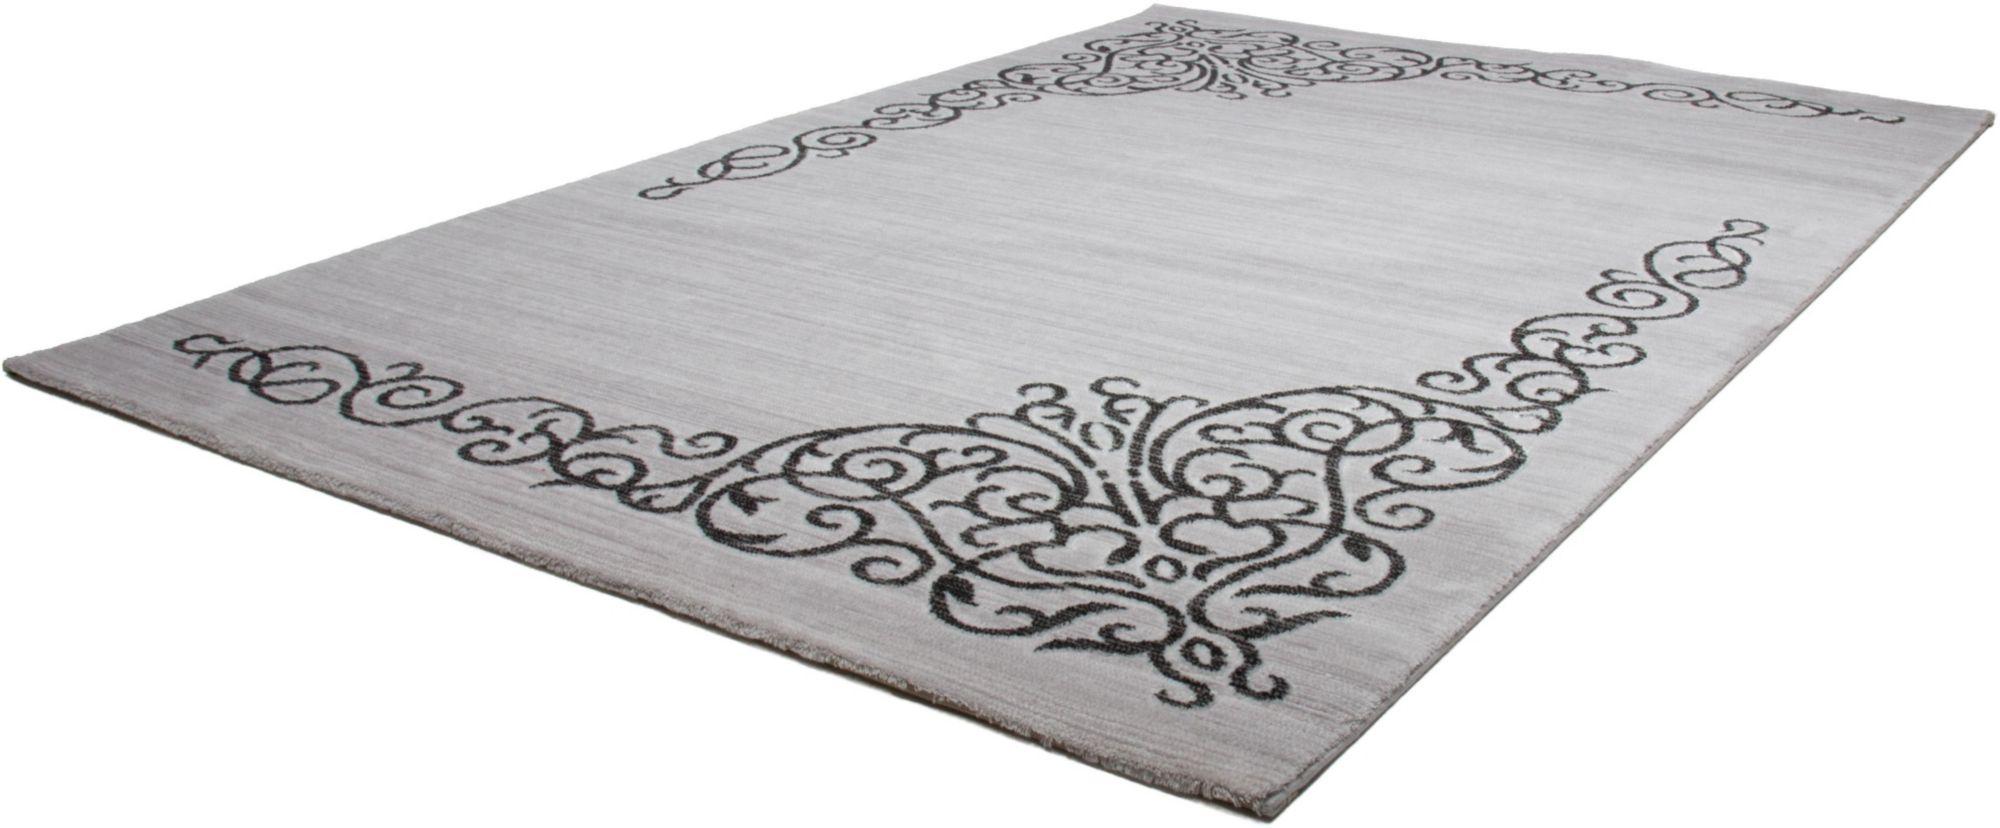 Orientteppich, »Destan 646«, Lalee, rechteckig, Höhe 15 mm, maschinell gewebt